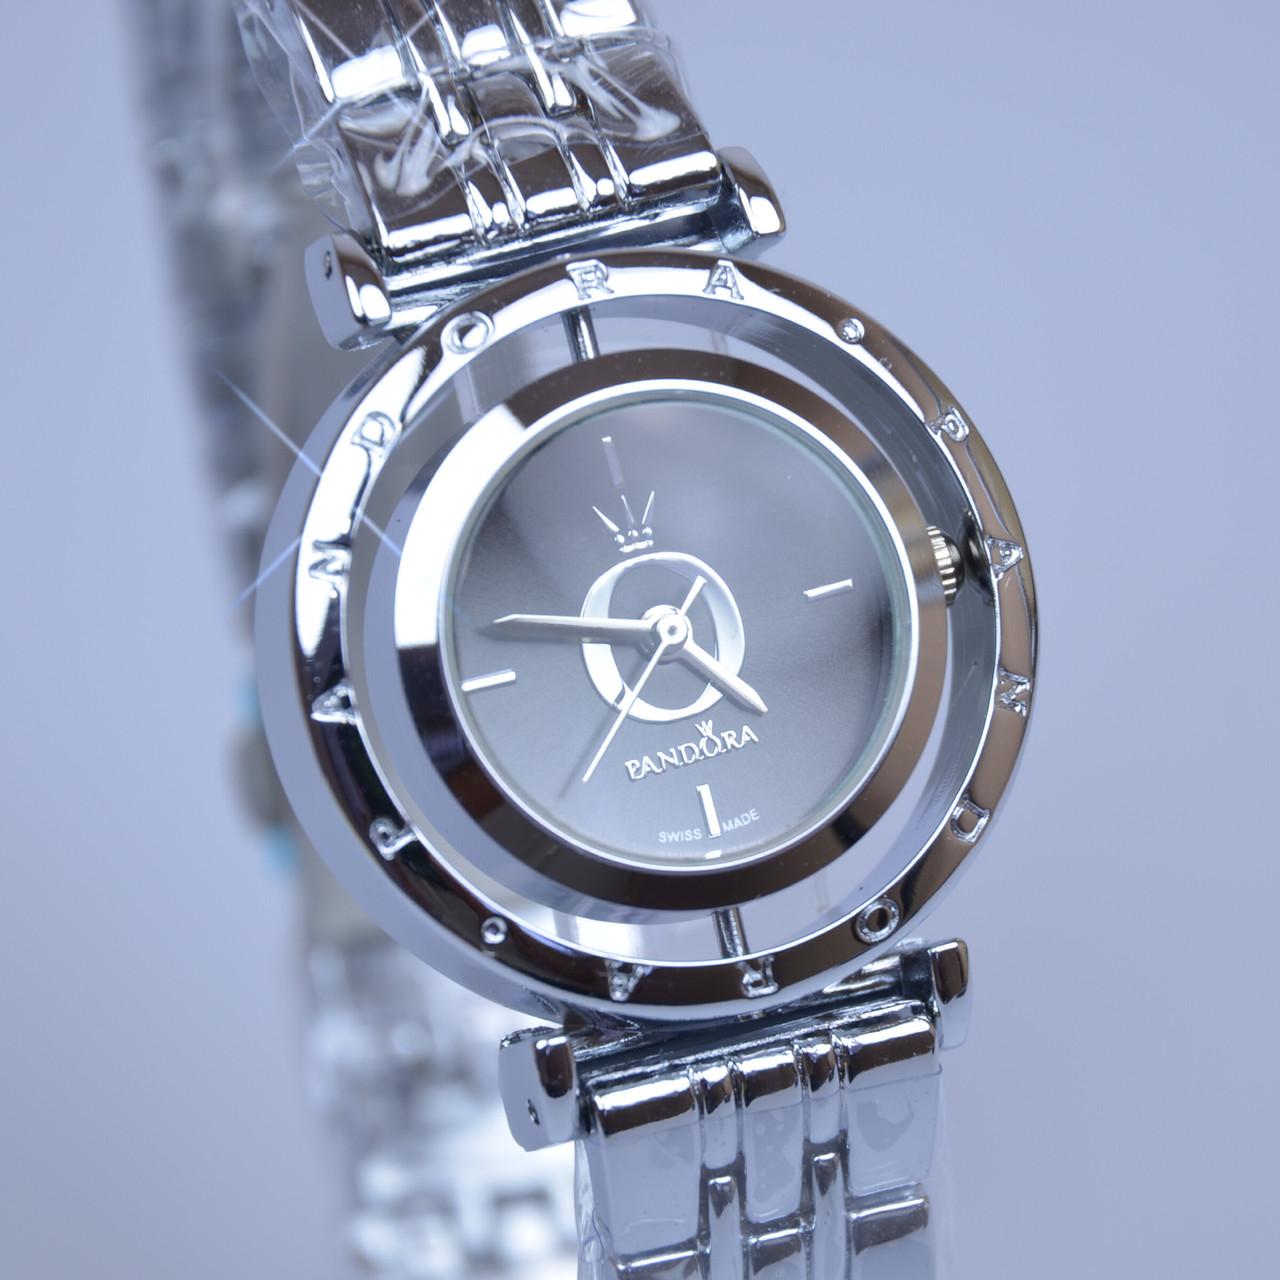 Купить часы pandora в интернет магазине инструкция к цифровым часам наручным